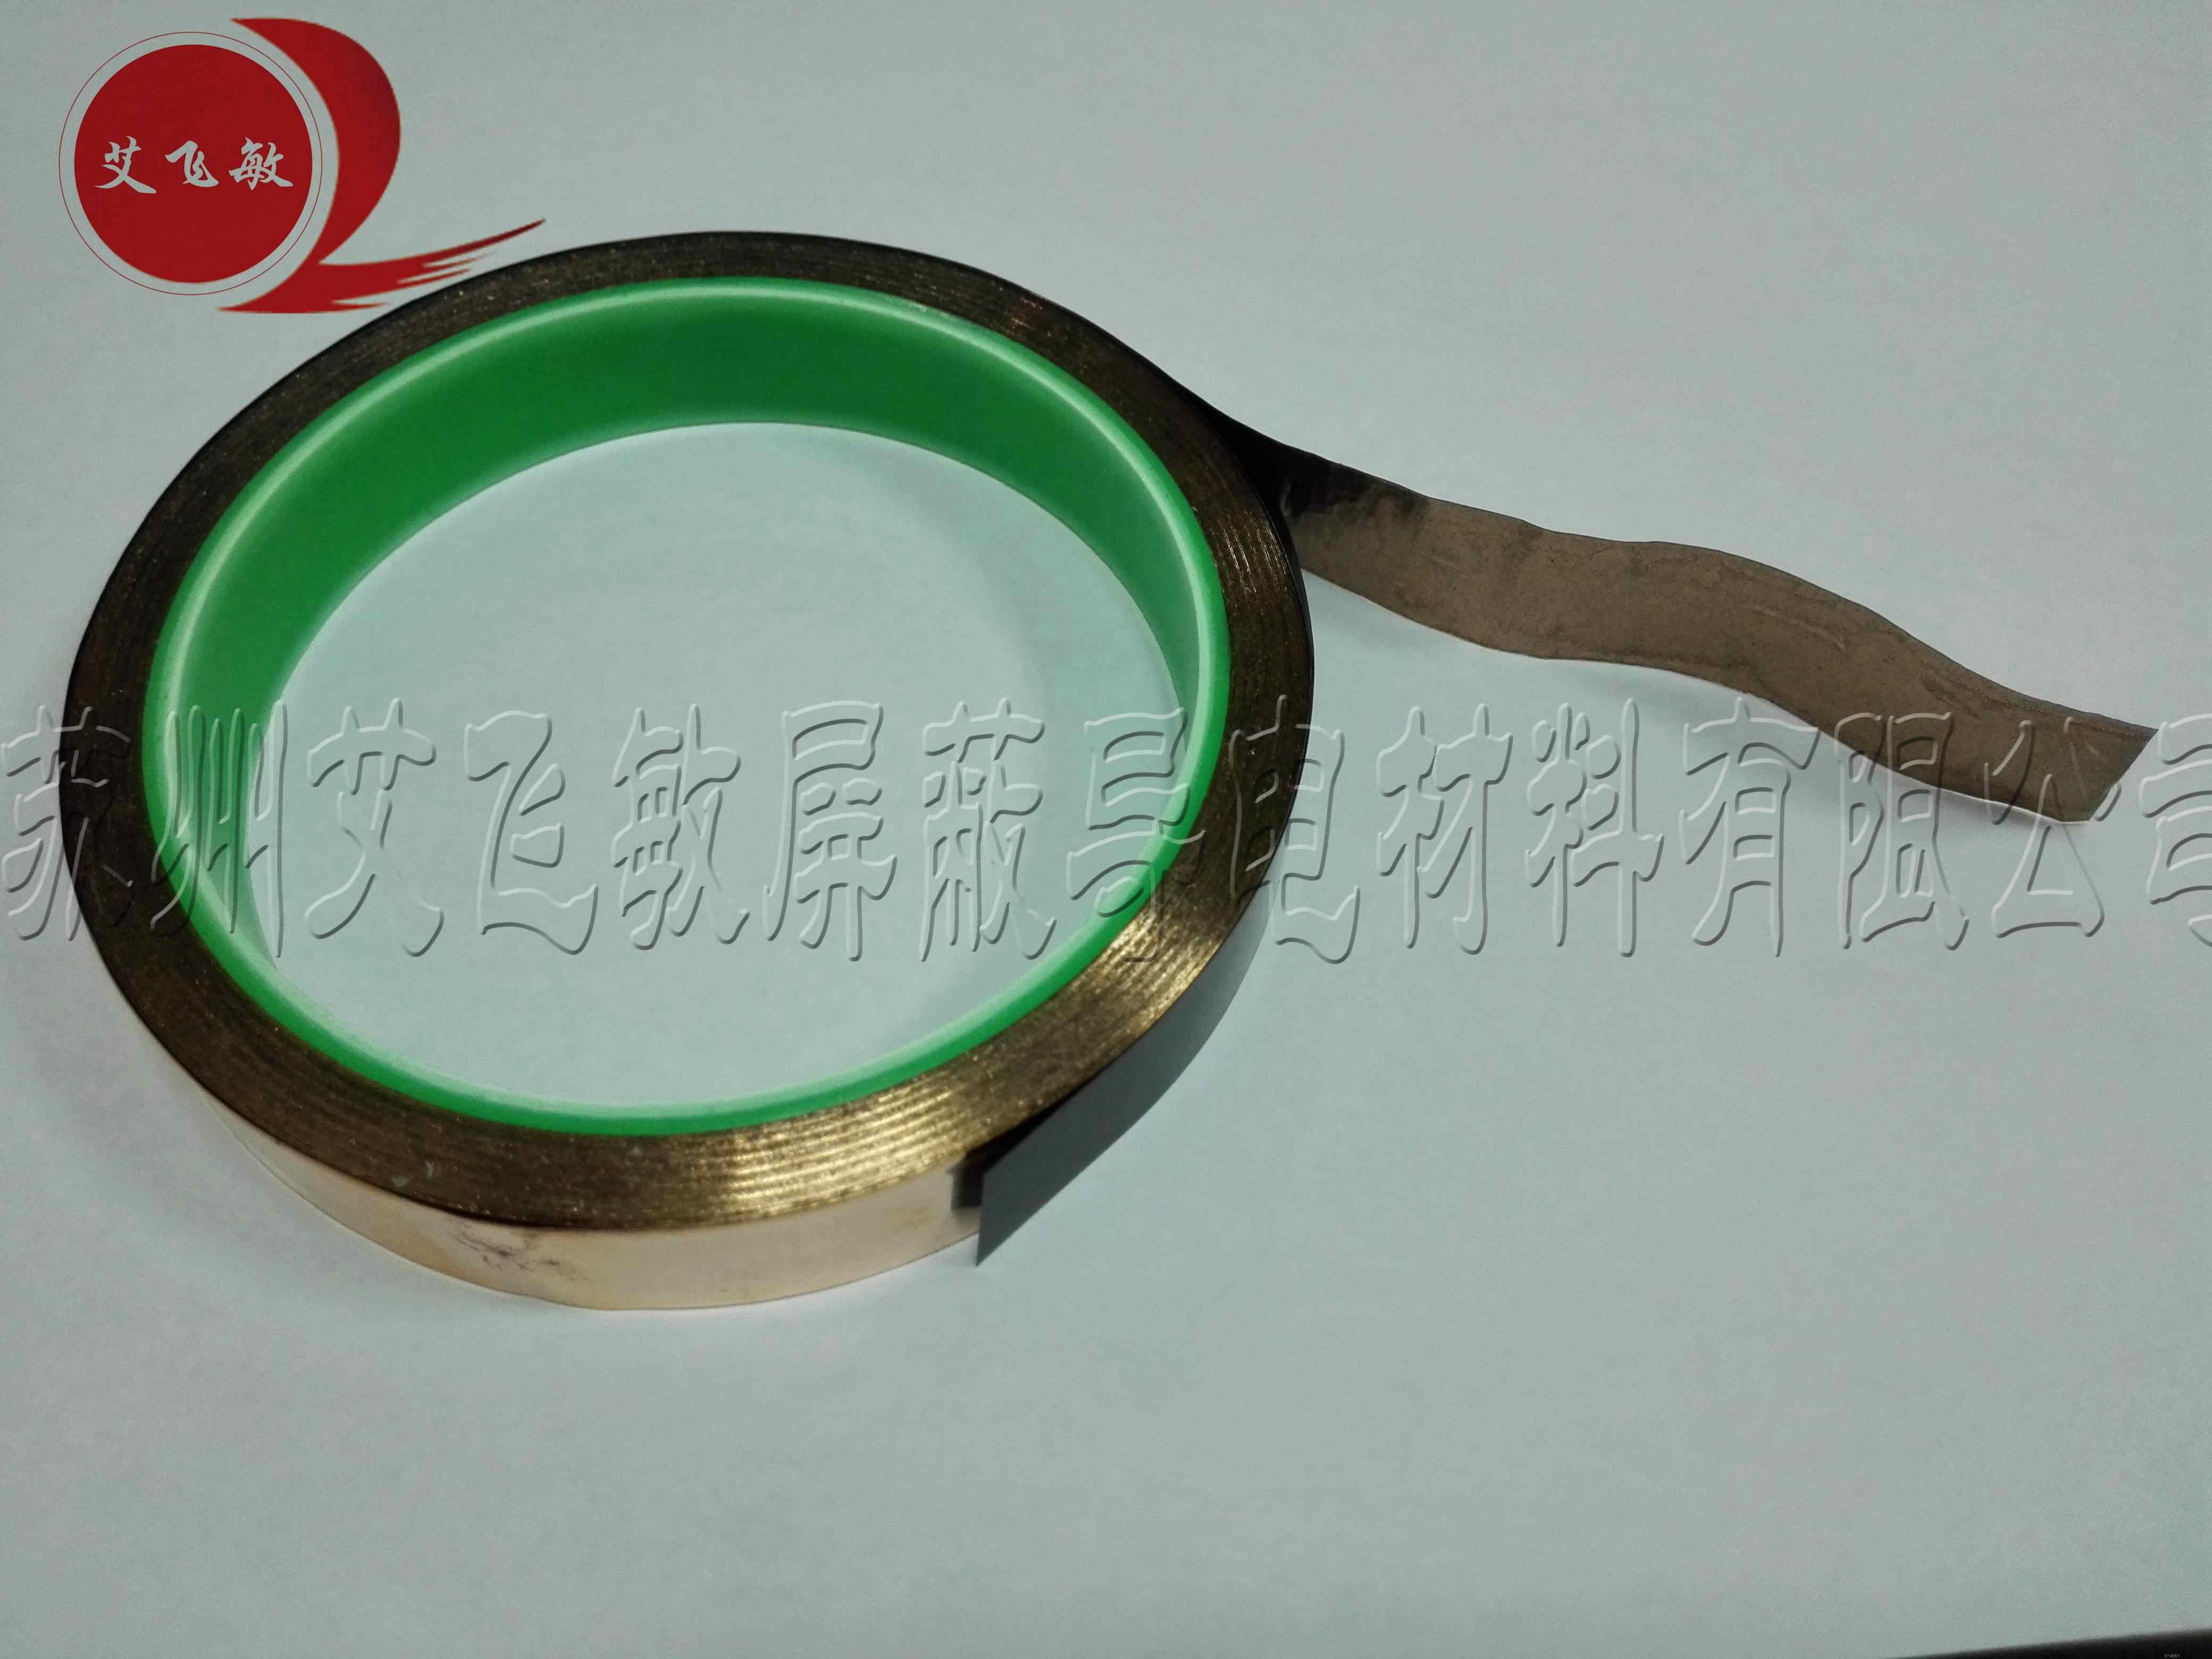 艾飞敏高性能导电铜箔胶带受到杭州碳晶电发热板厂家青睐